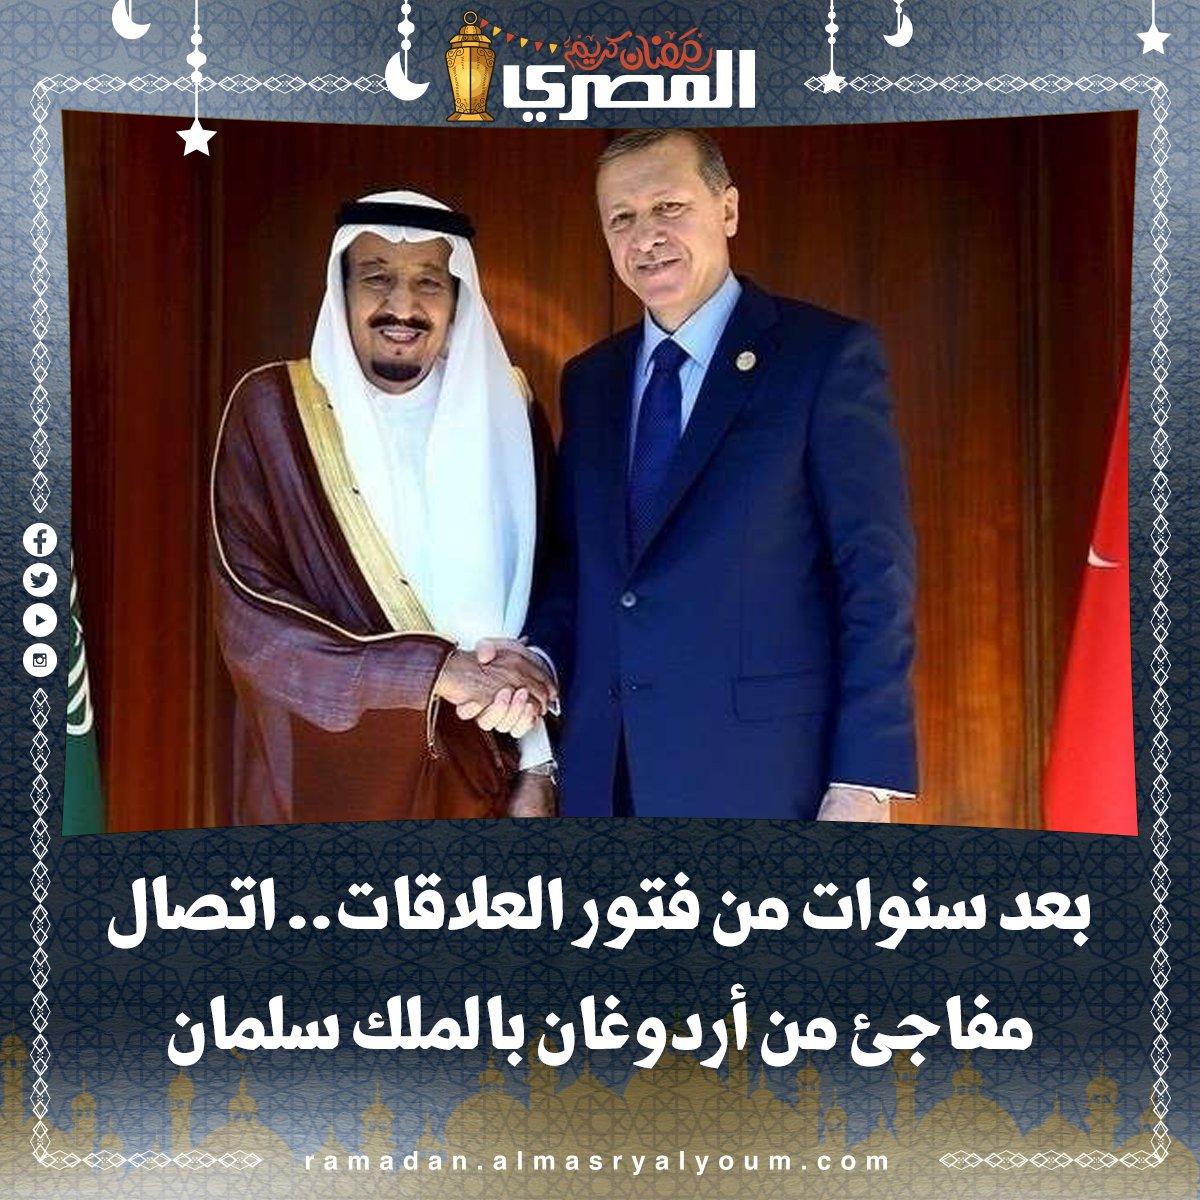 بعد سنوات من فتور العلاقات.. اتصال مفاجئ من أردوغان بـ الملك سلمان